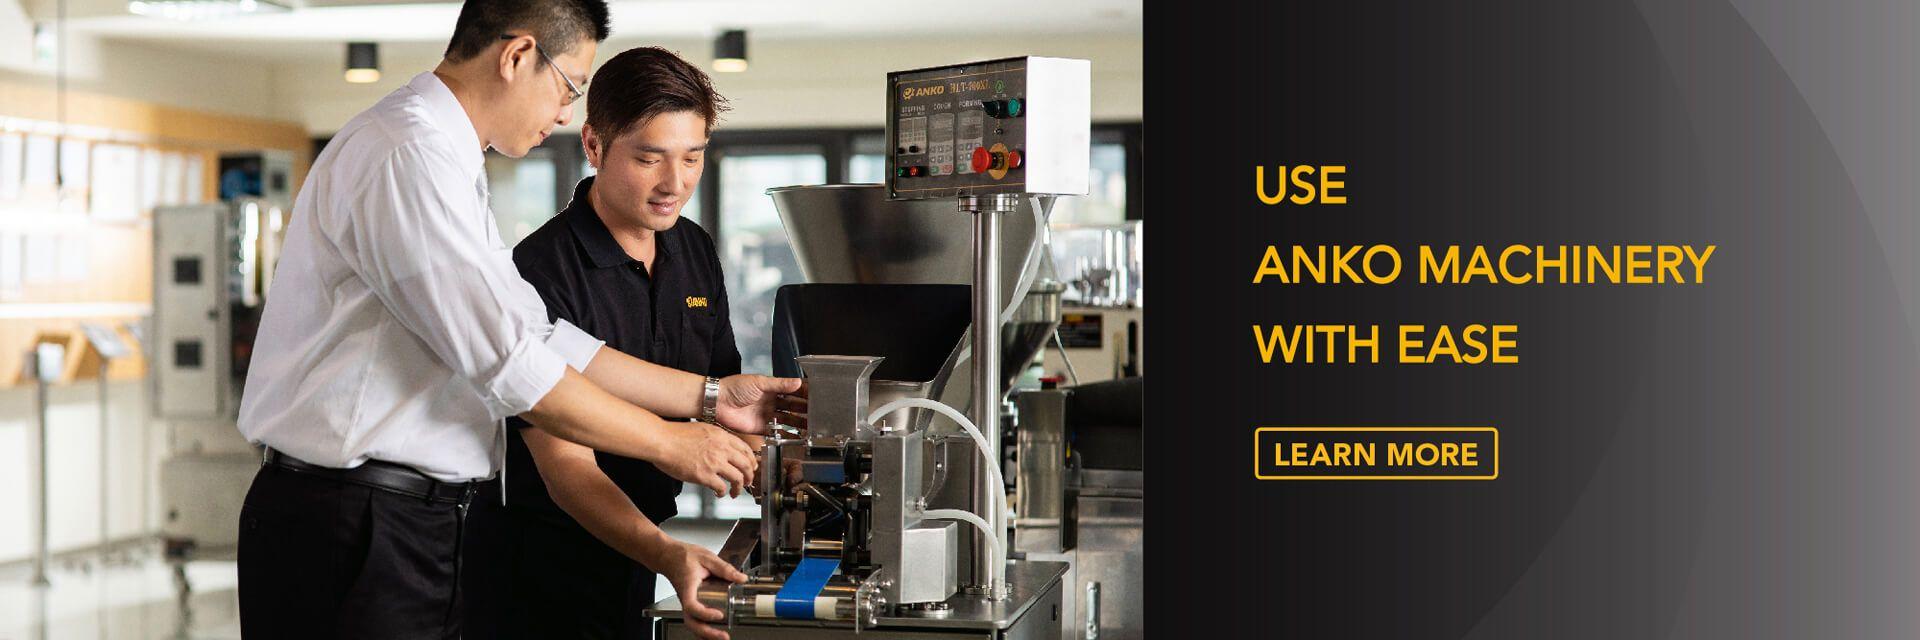 Výrobní zařízení je pravým člověkem pro zvýšení efektivity.  Uživatelsky přívětivý design stroje ANKO Machinery pomáhá vytvářet větší hodnotu mezi stroji a uživateli.